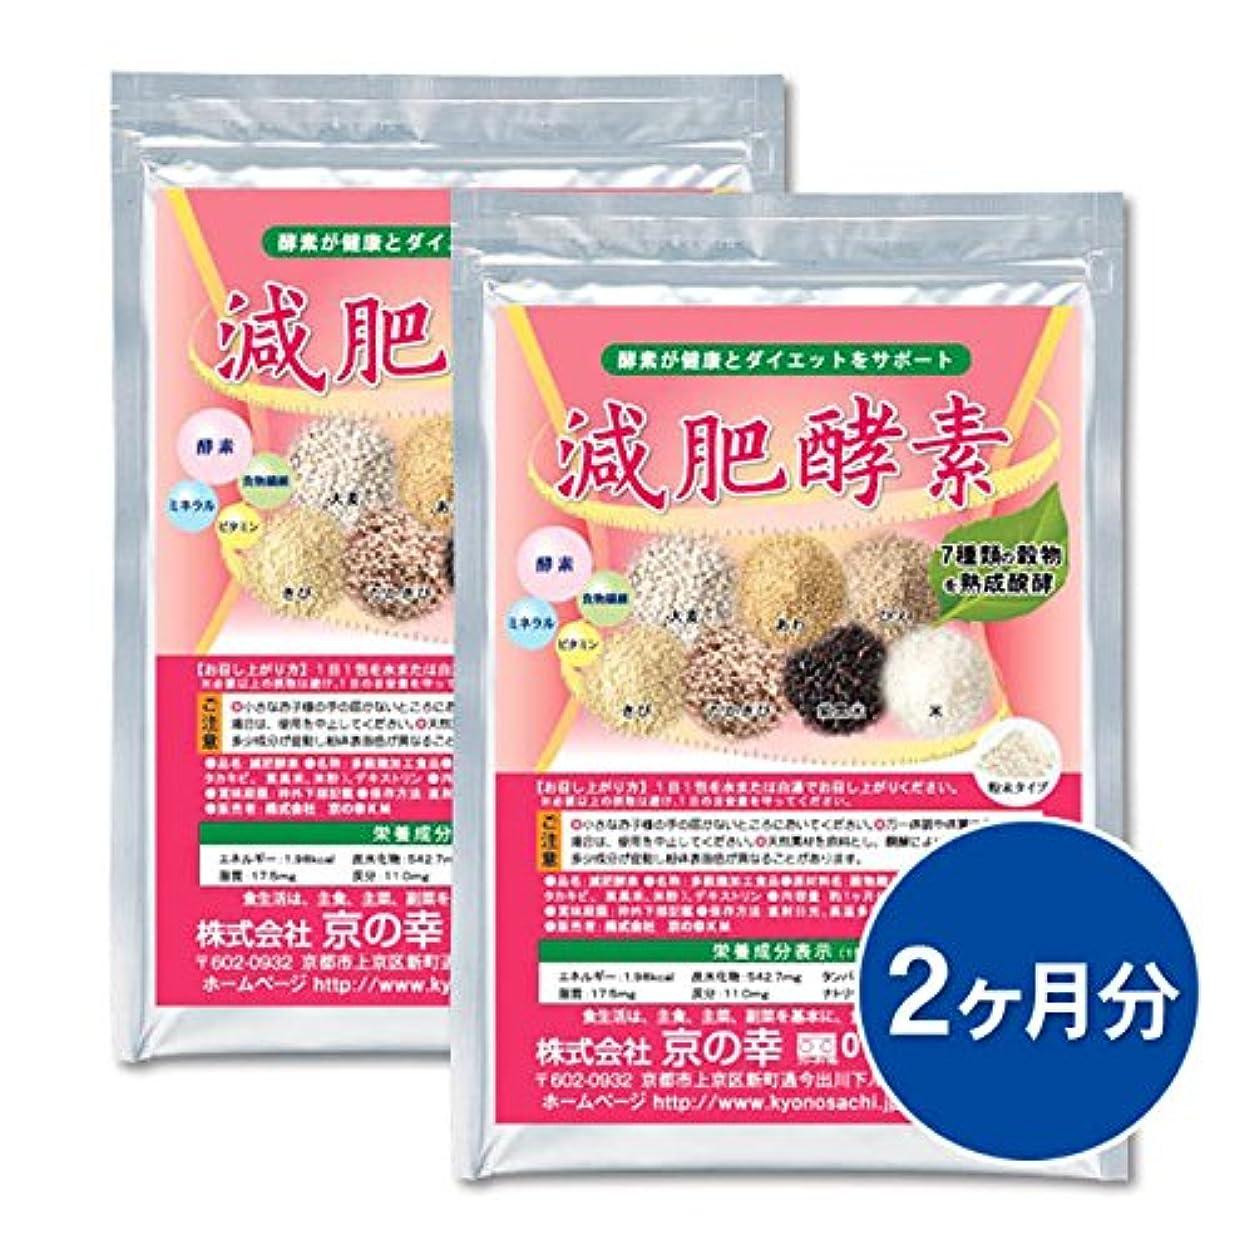 パイント親指変更京の幸 減肥酵素(30包×2)2ヶ月分